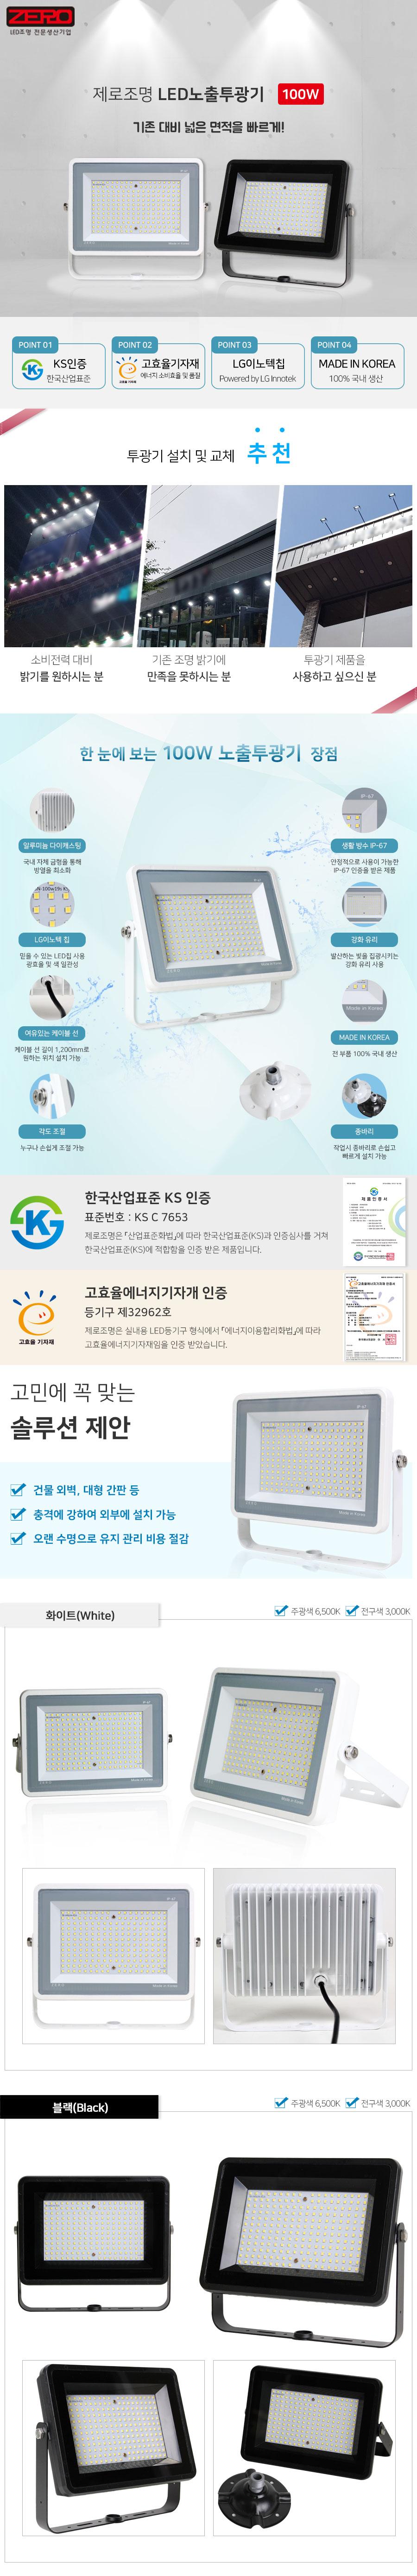 제로조명 KS 고효율인증 100w AC 투광기 투광등 경관조명